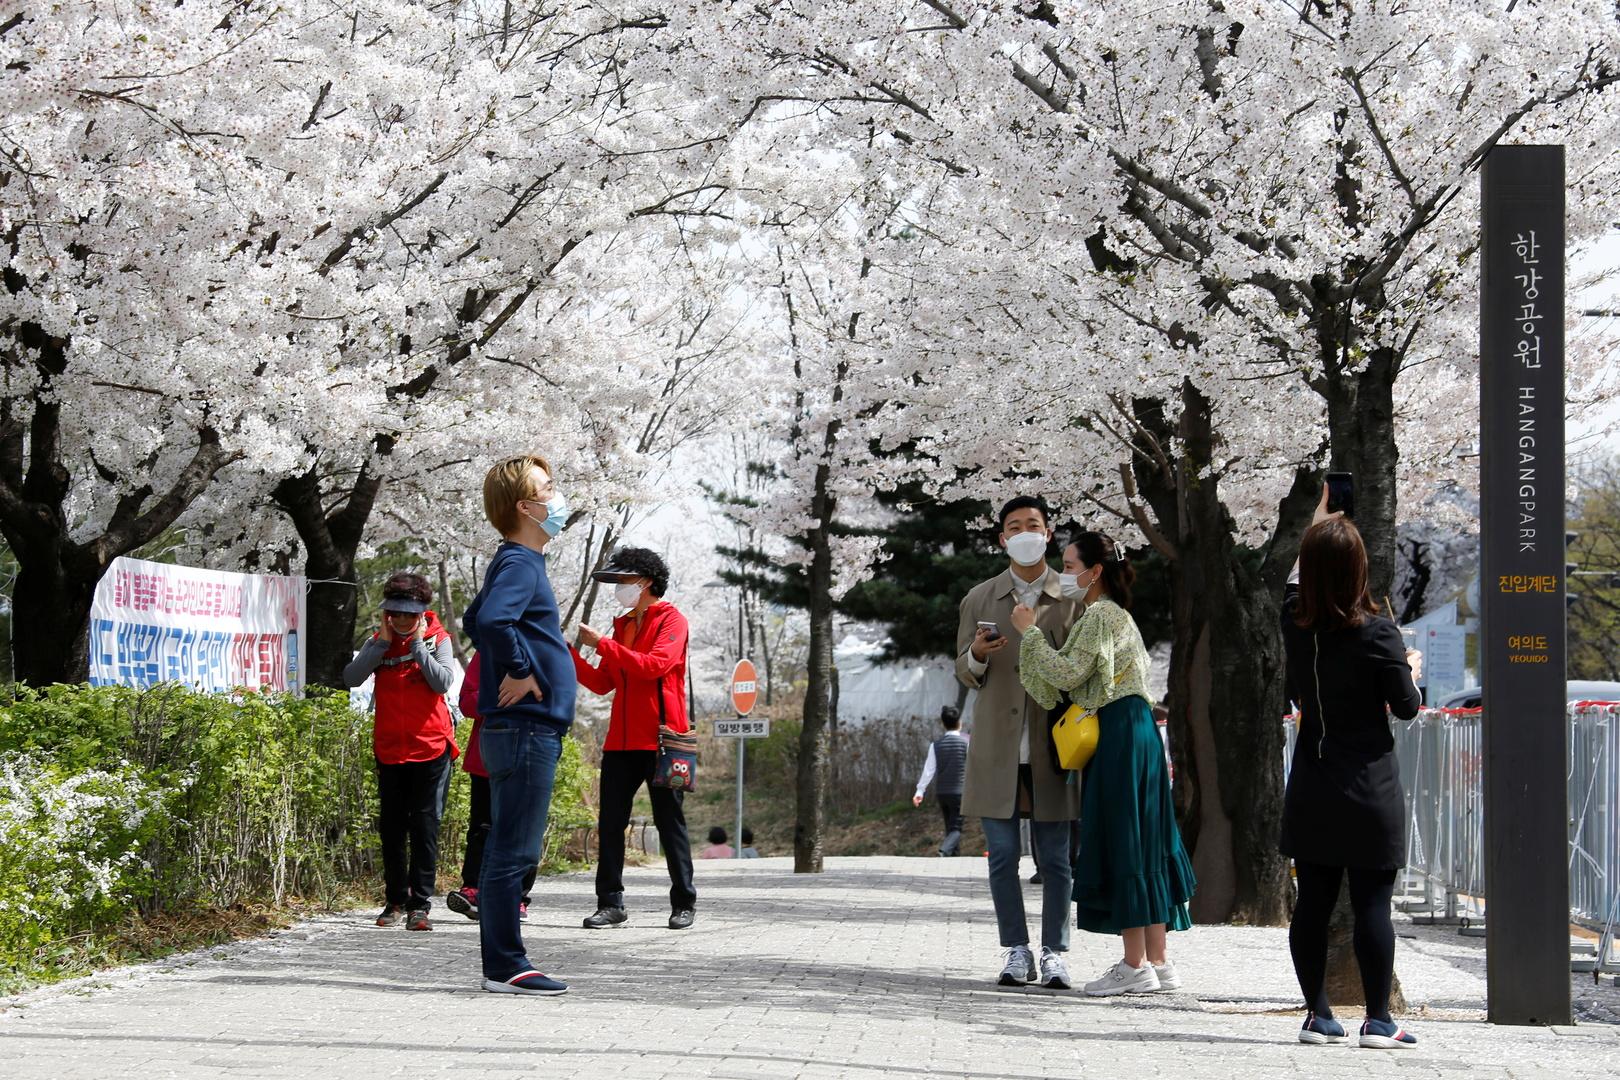 كوريا الجنوبية تسجل أكبر حصيلة للإصابات اليومية بفيروس كورونا منذ 3 أشهر